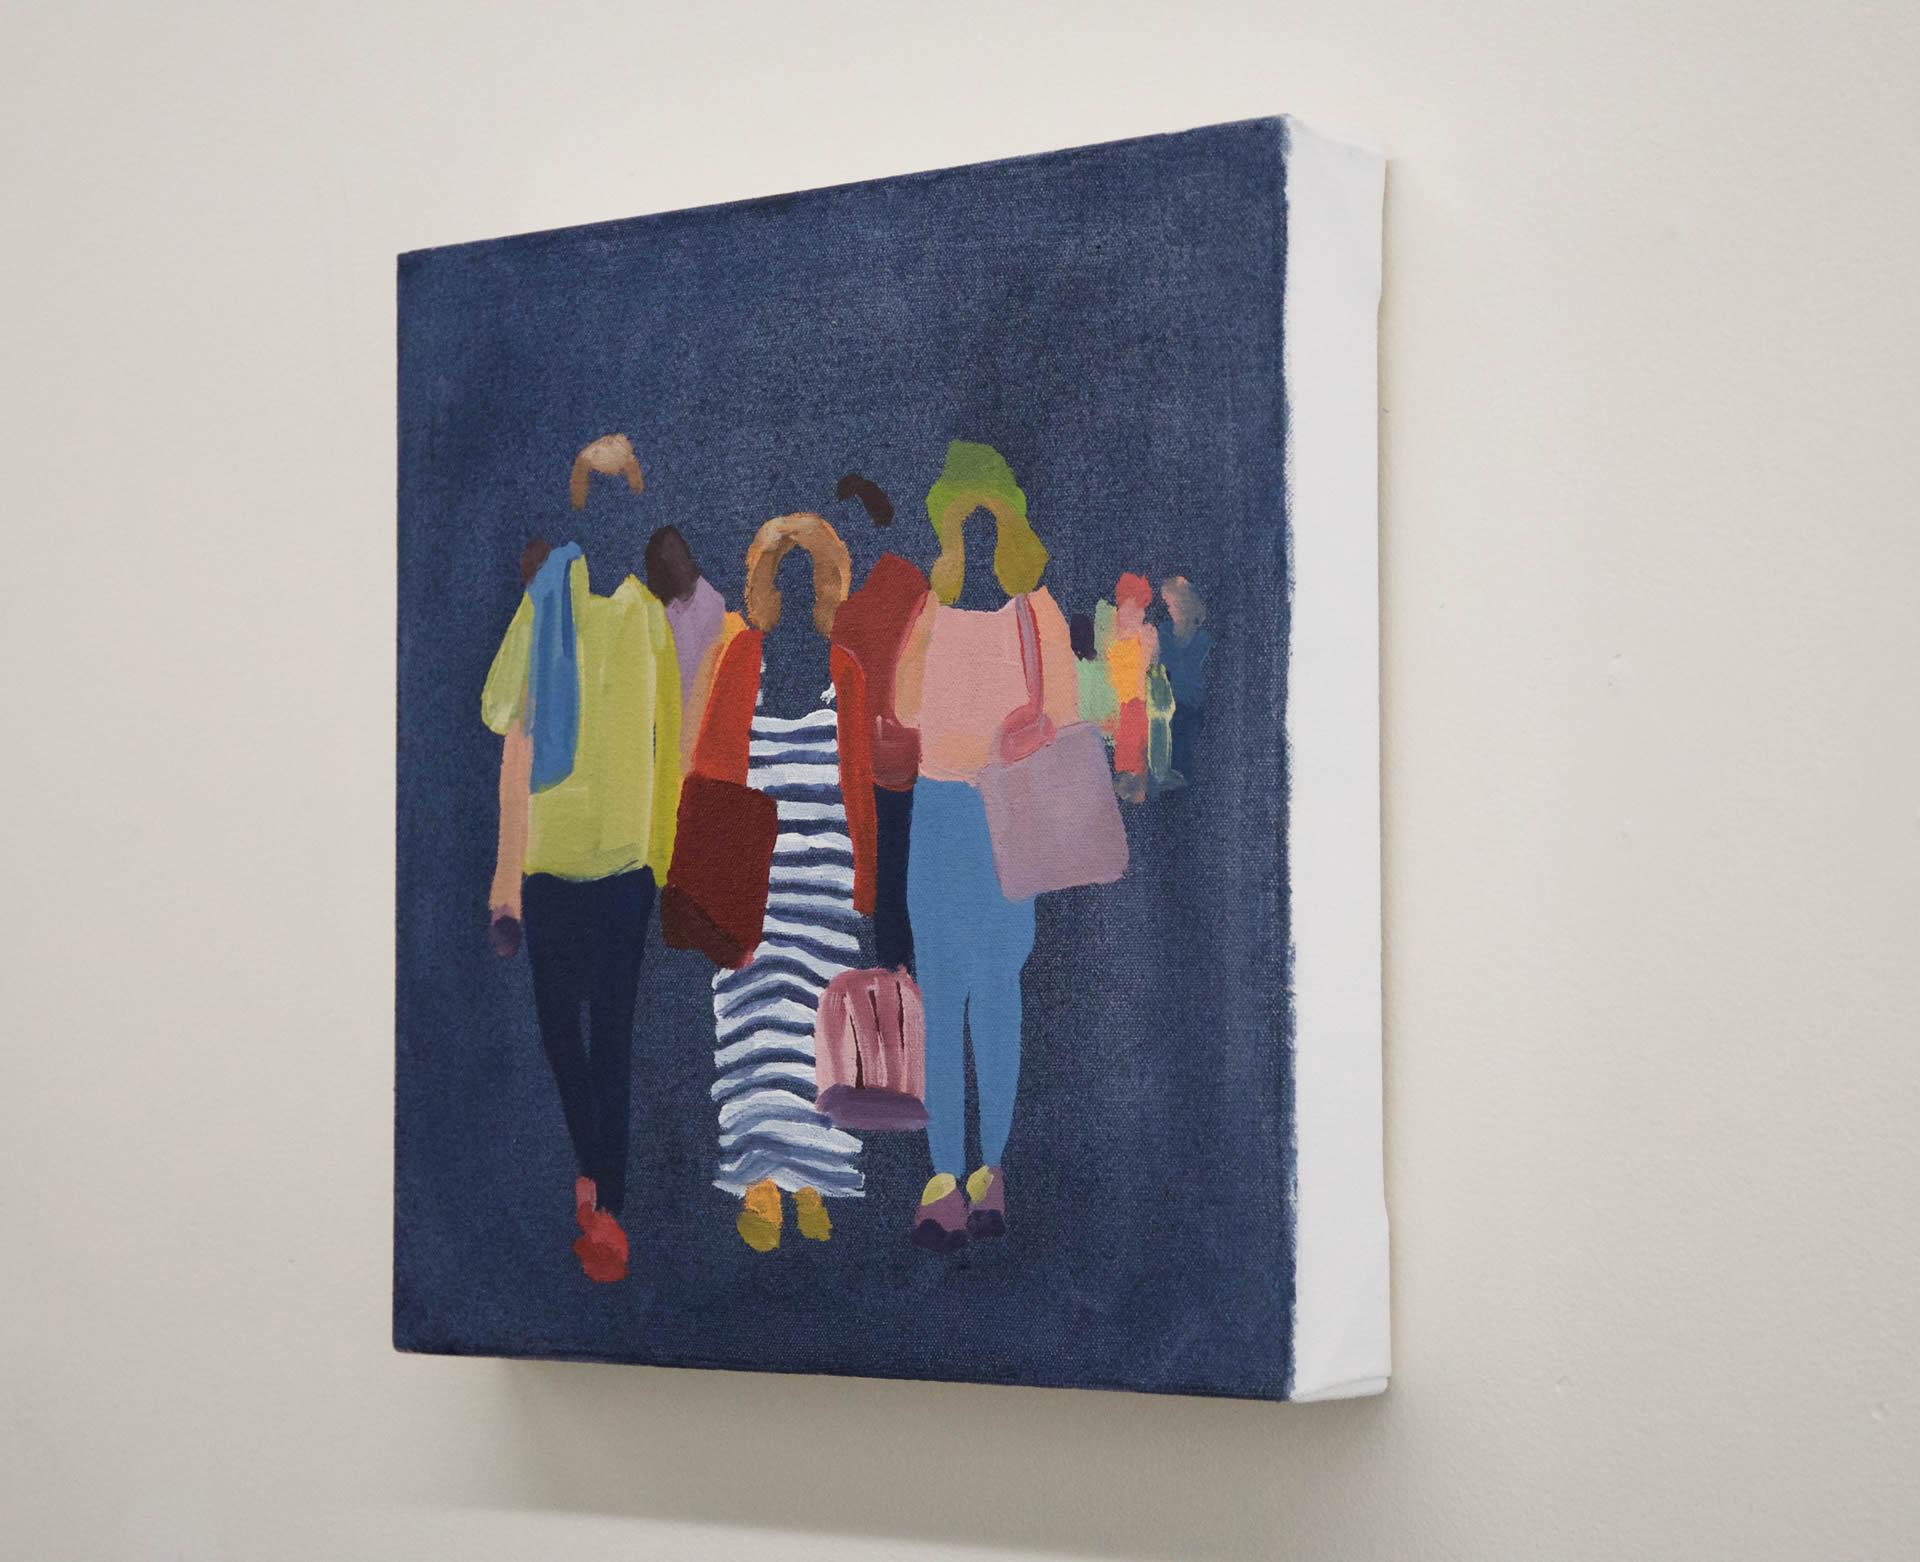 Sherry-Czekus-Pedestrians-On-Dark-Denim-2021-Oil-On-Canvas-12x12-500-Online-Art-Galleries-1920-side